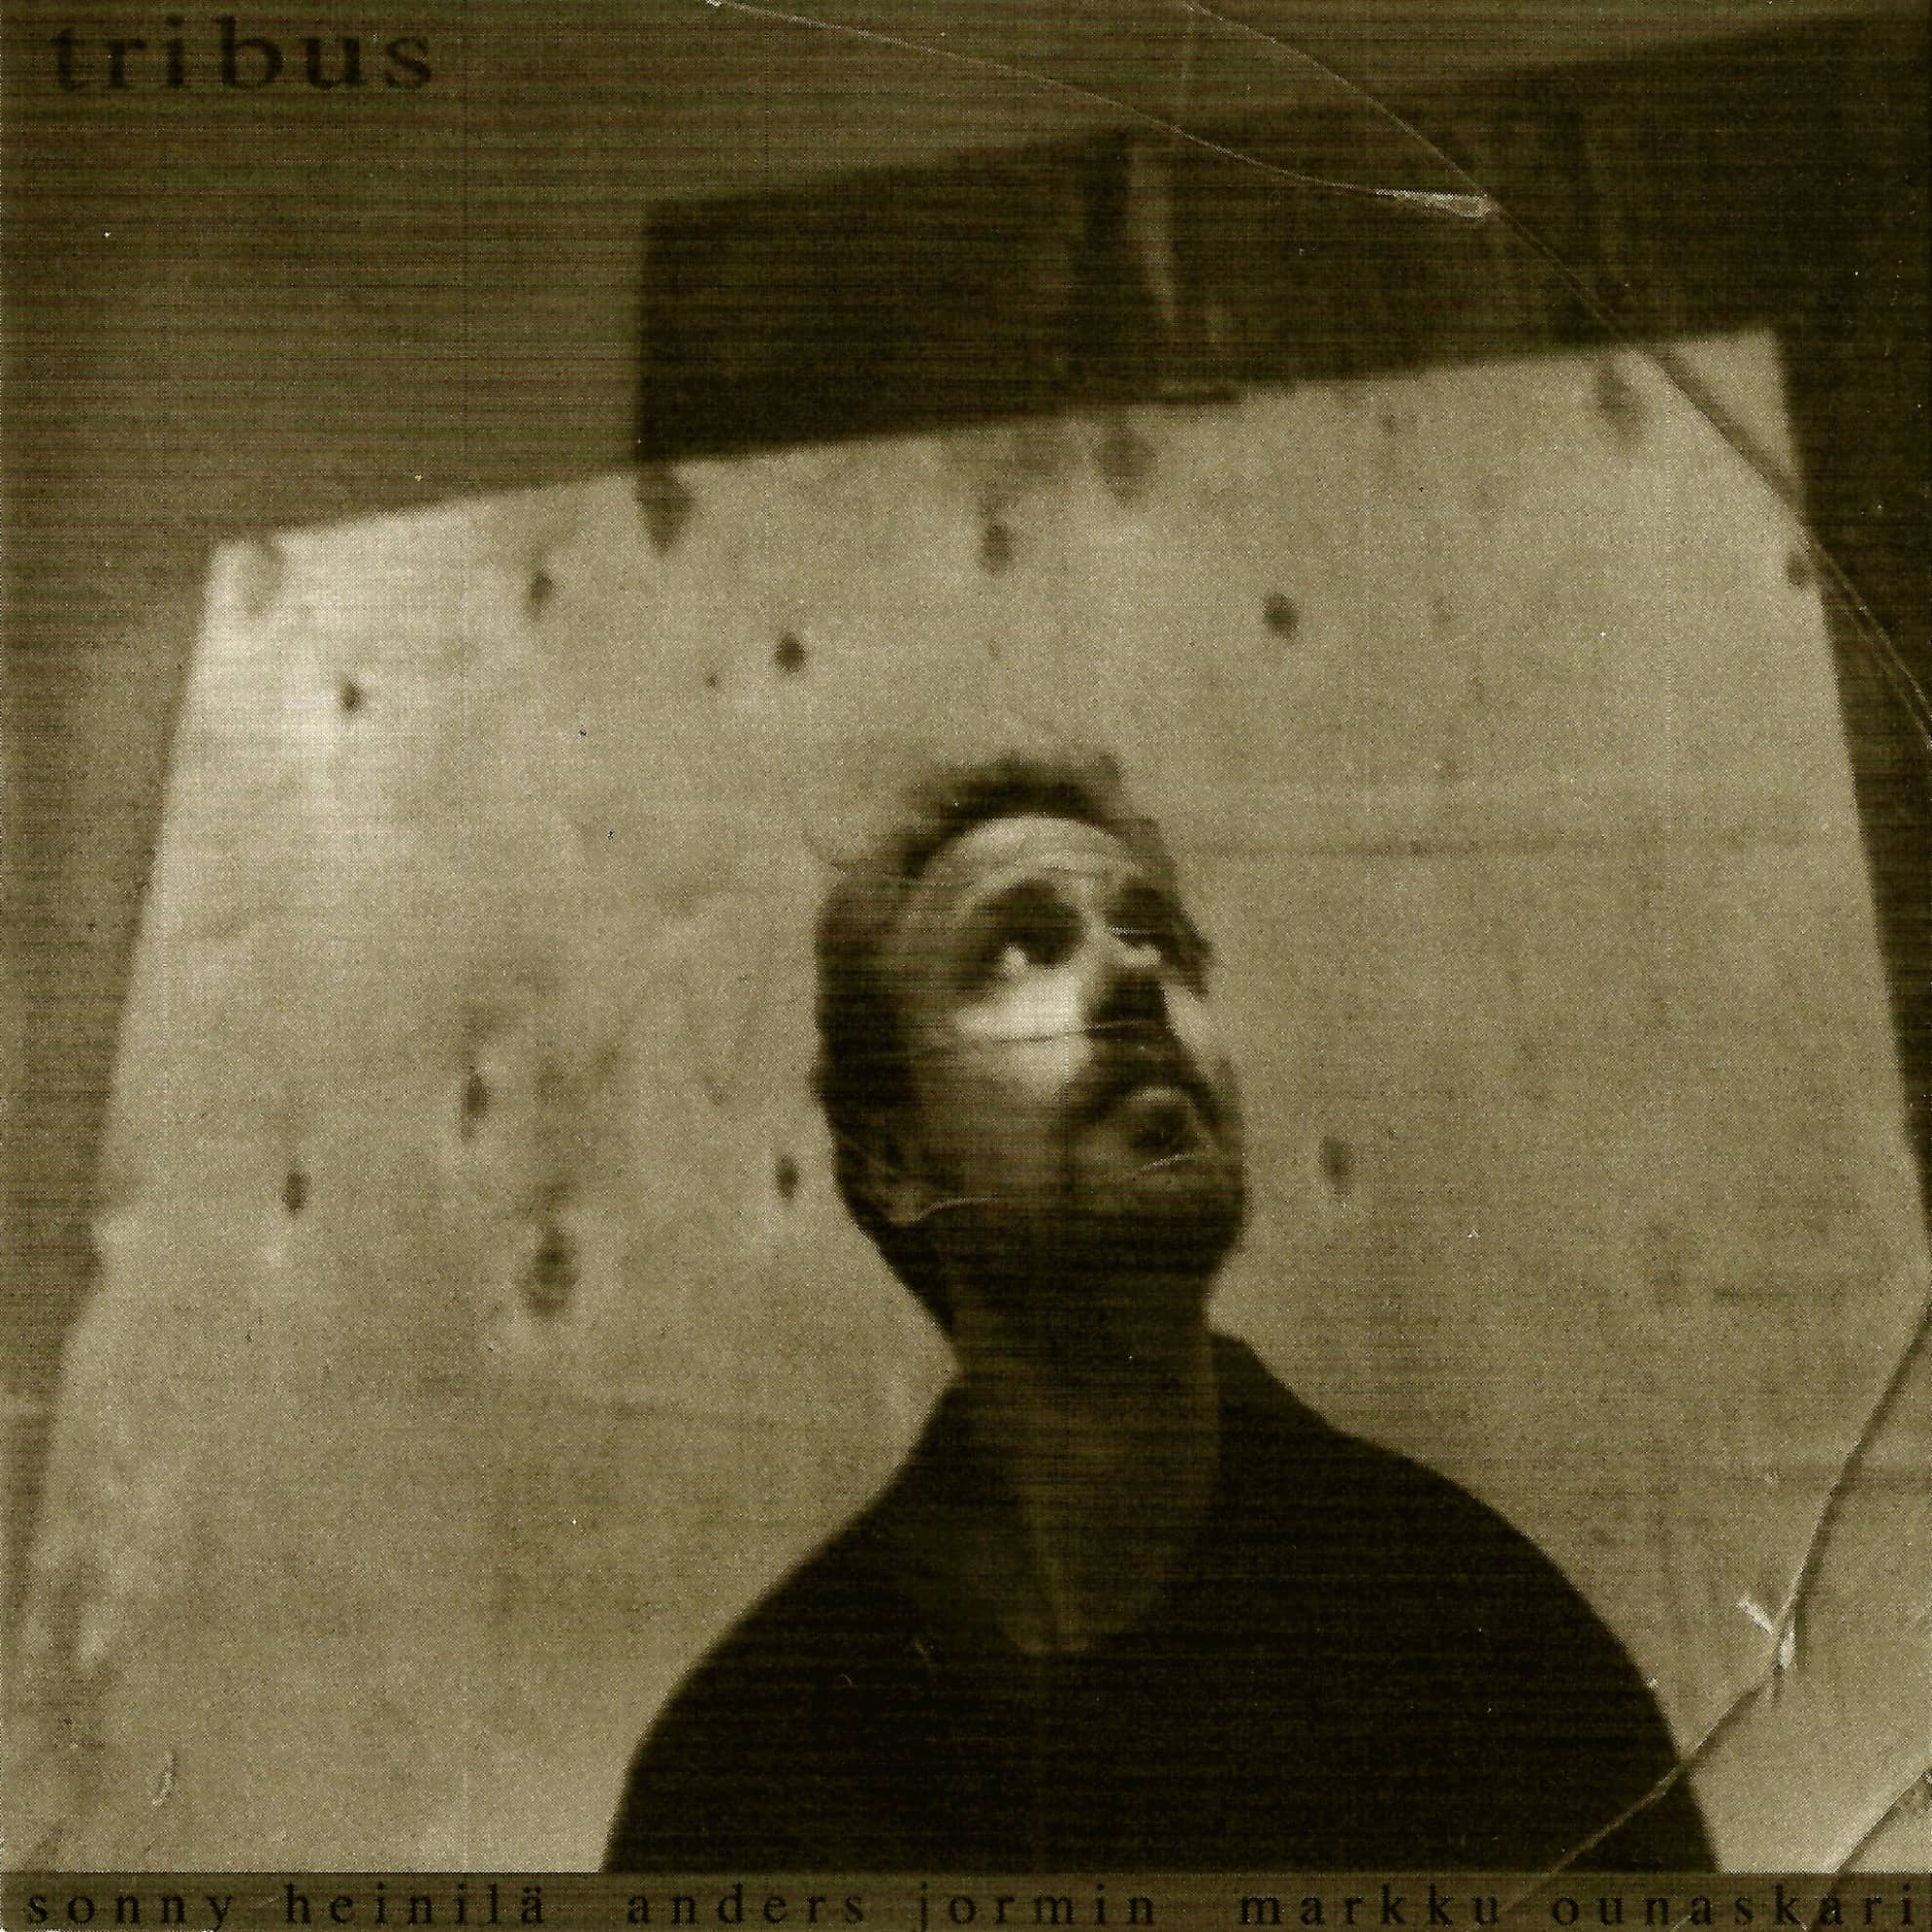 Tribus cover (1980x1980)